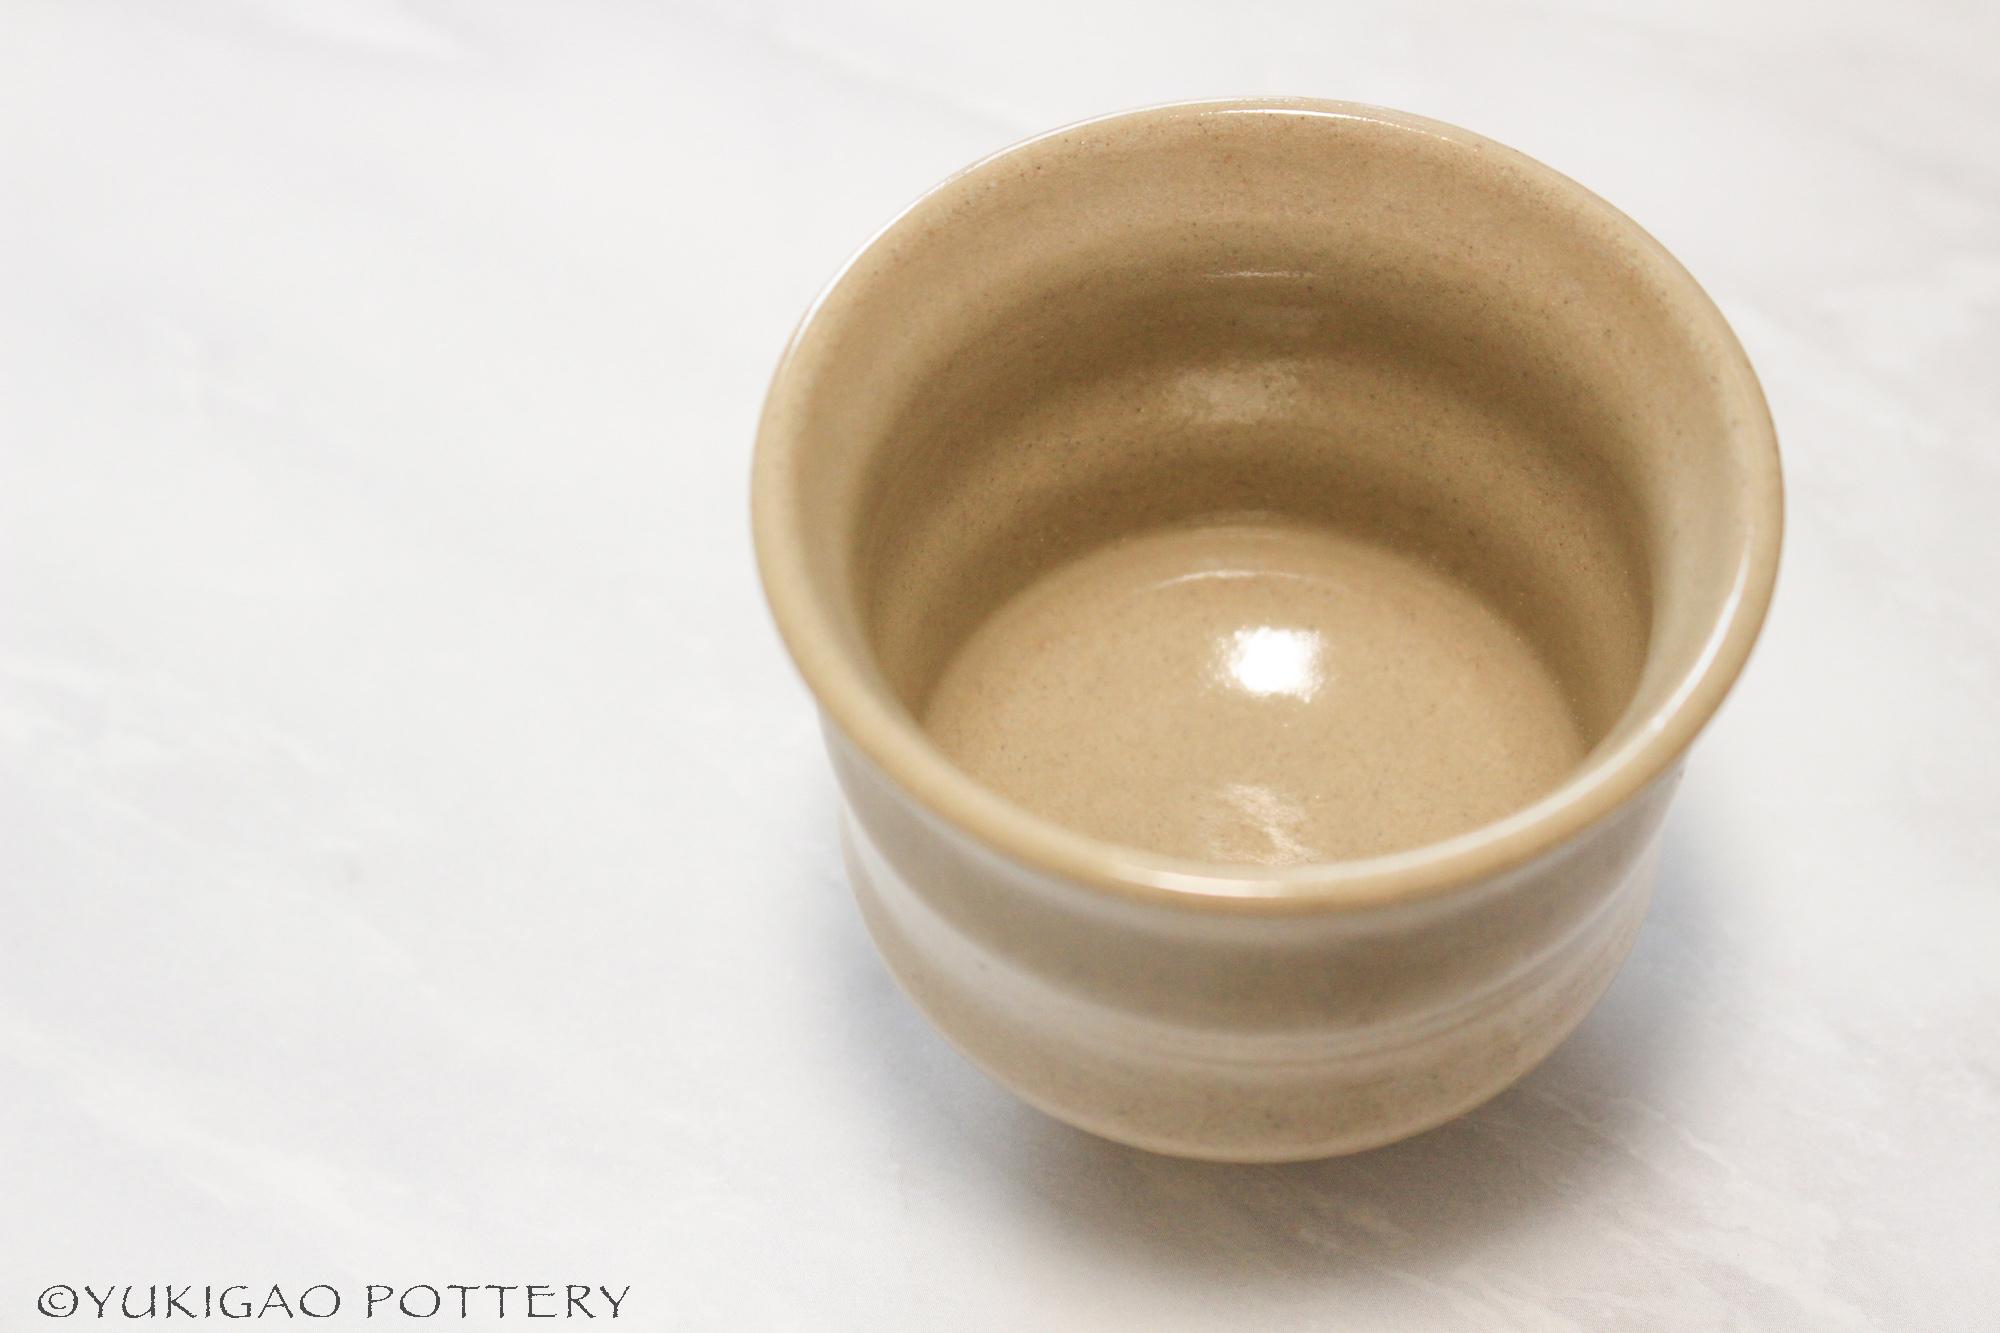 ぐいぐい呑み -浅黄-【陶器/容量80ml/受注生産】